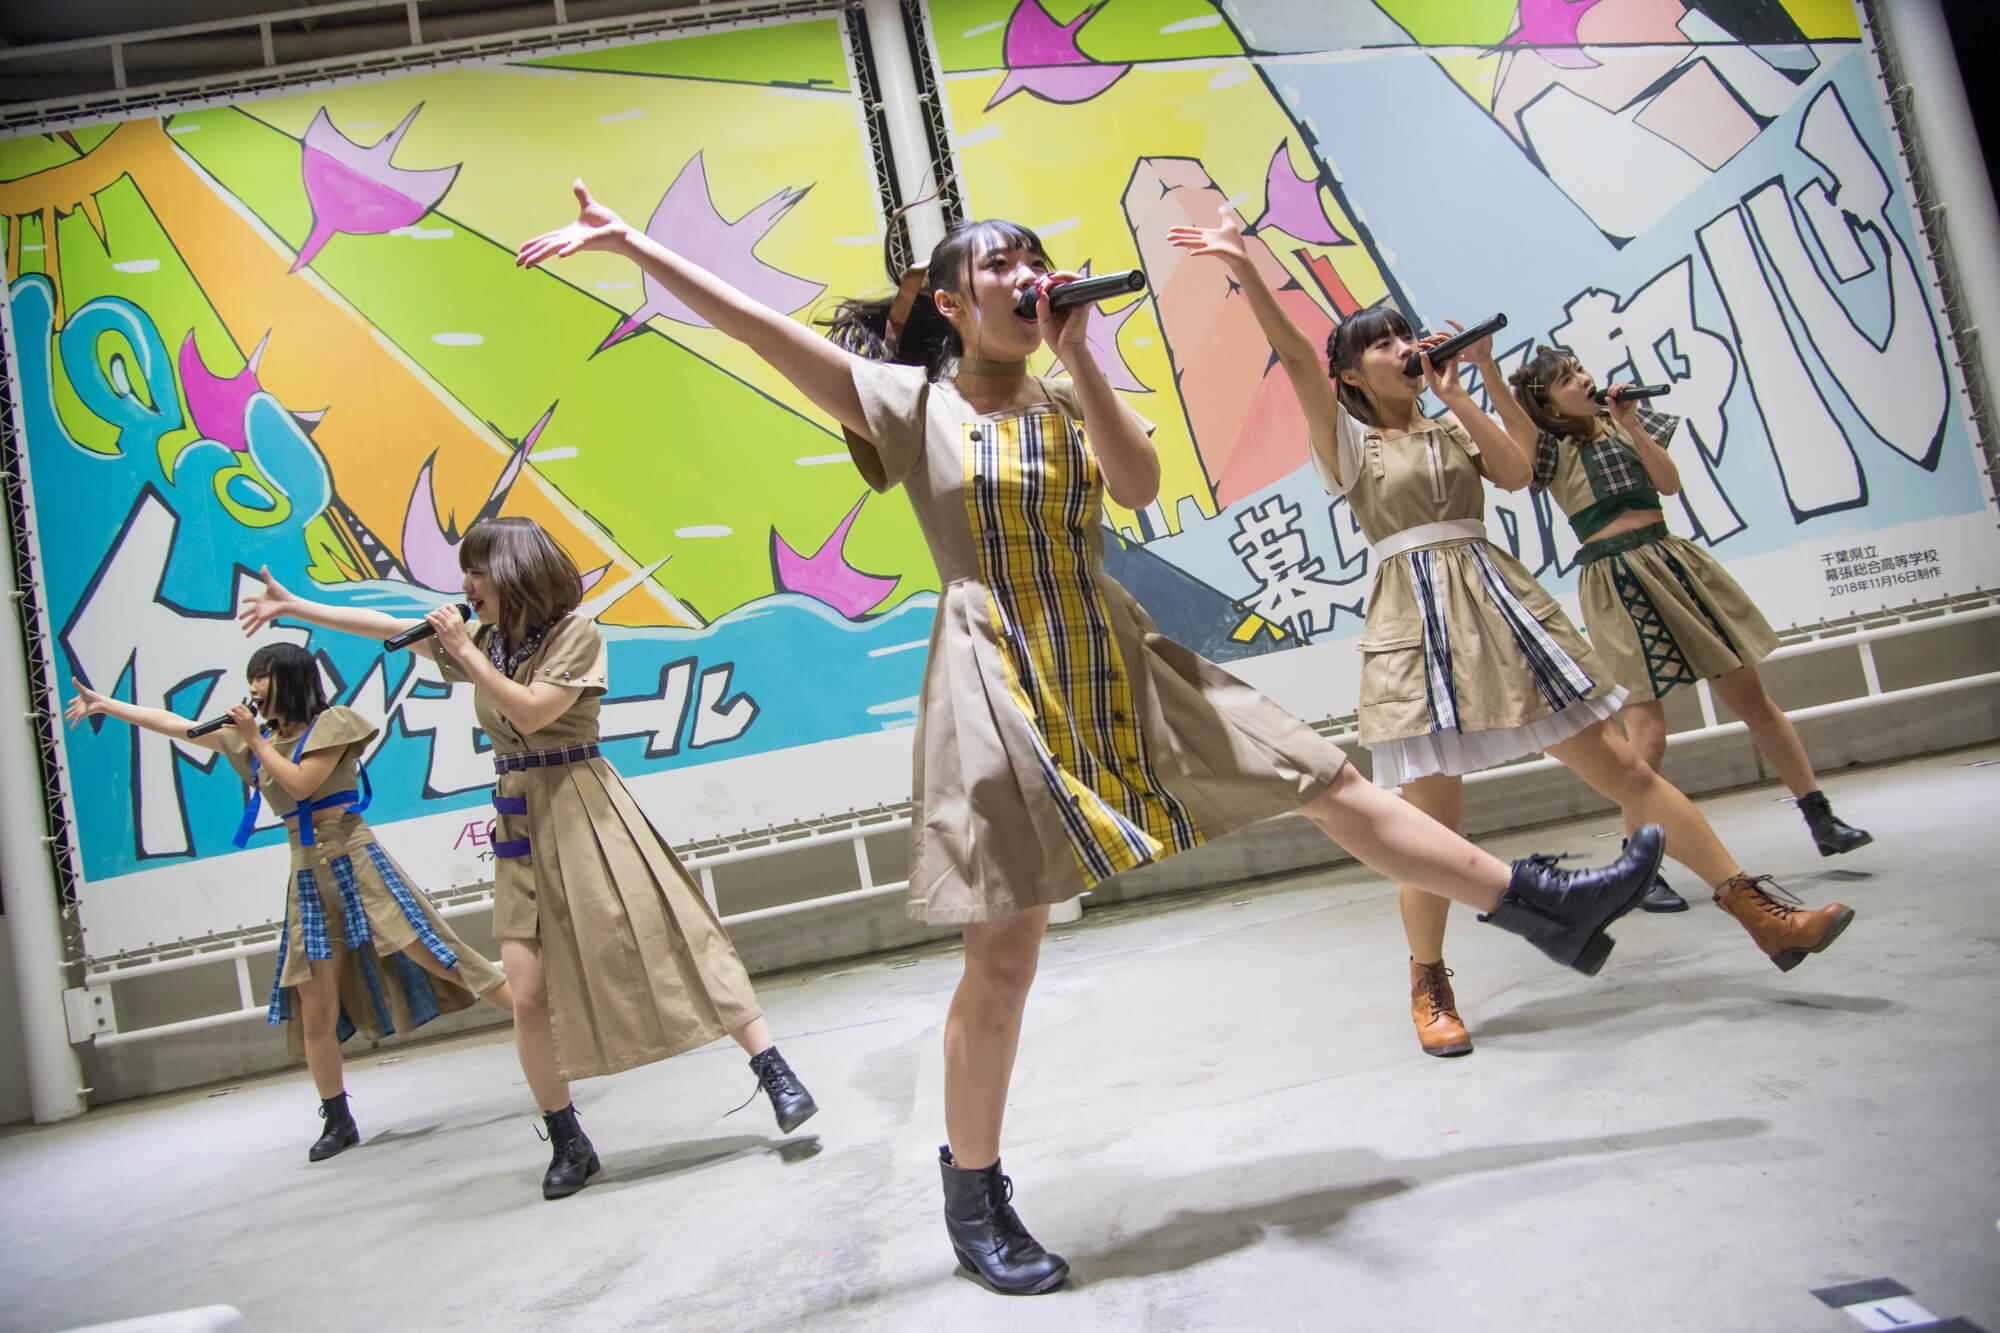 アイカレ、KissBee、アキシブらアイドル60組以上が幕張に集結【「IDOL CONTENT EXPO ~帰ってきた!冬の大無銭祭~」2日目レポート】